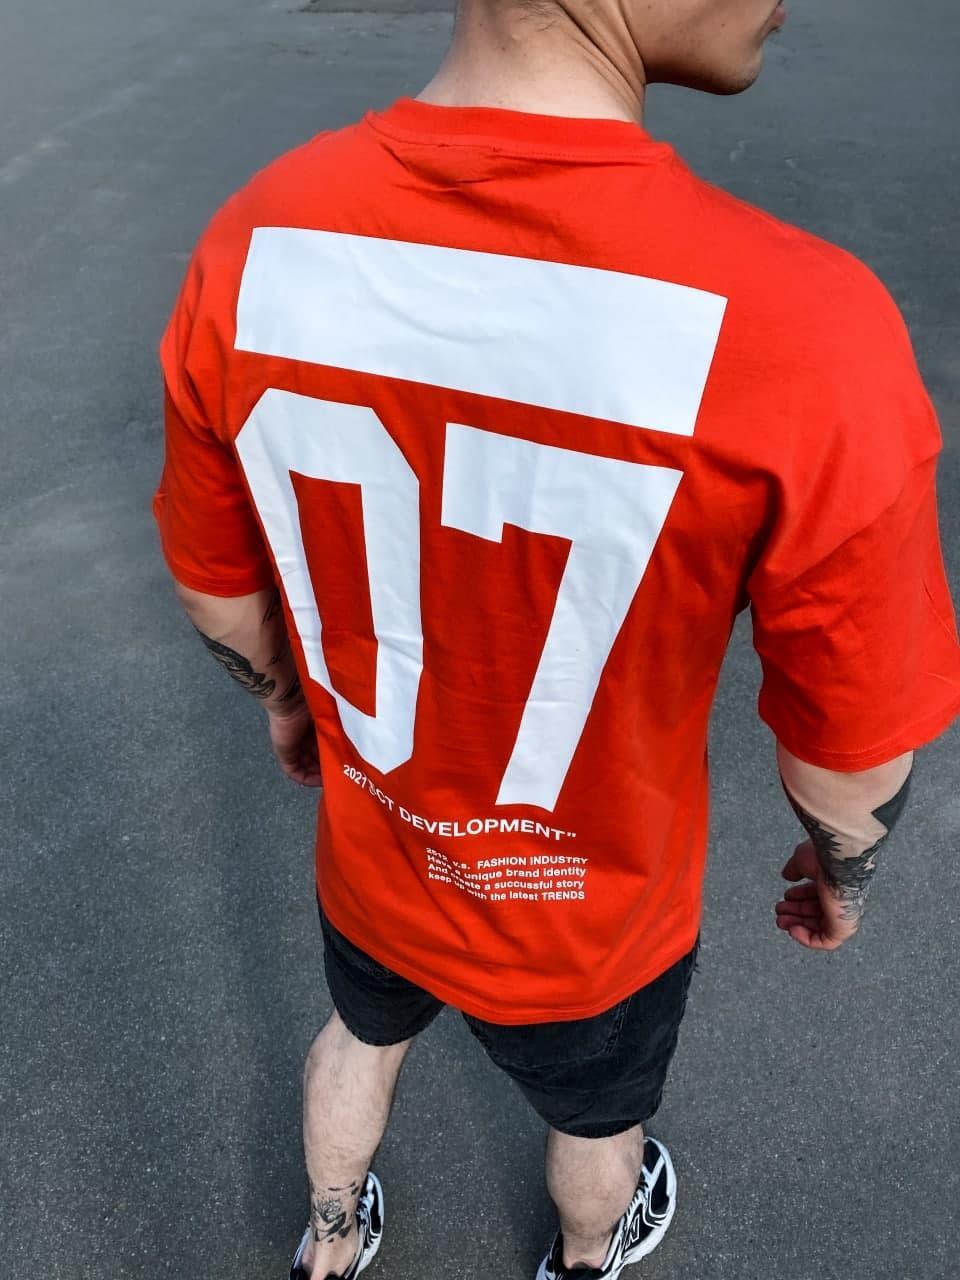 Мужская футболка Perfect Development 07 (красная) Sf195